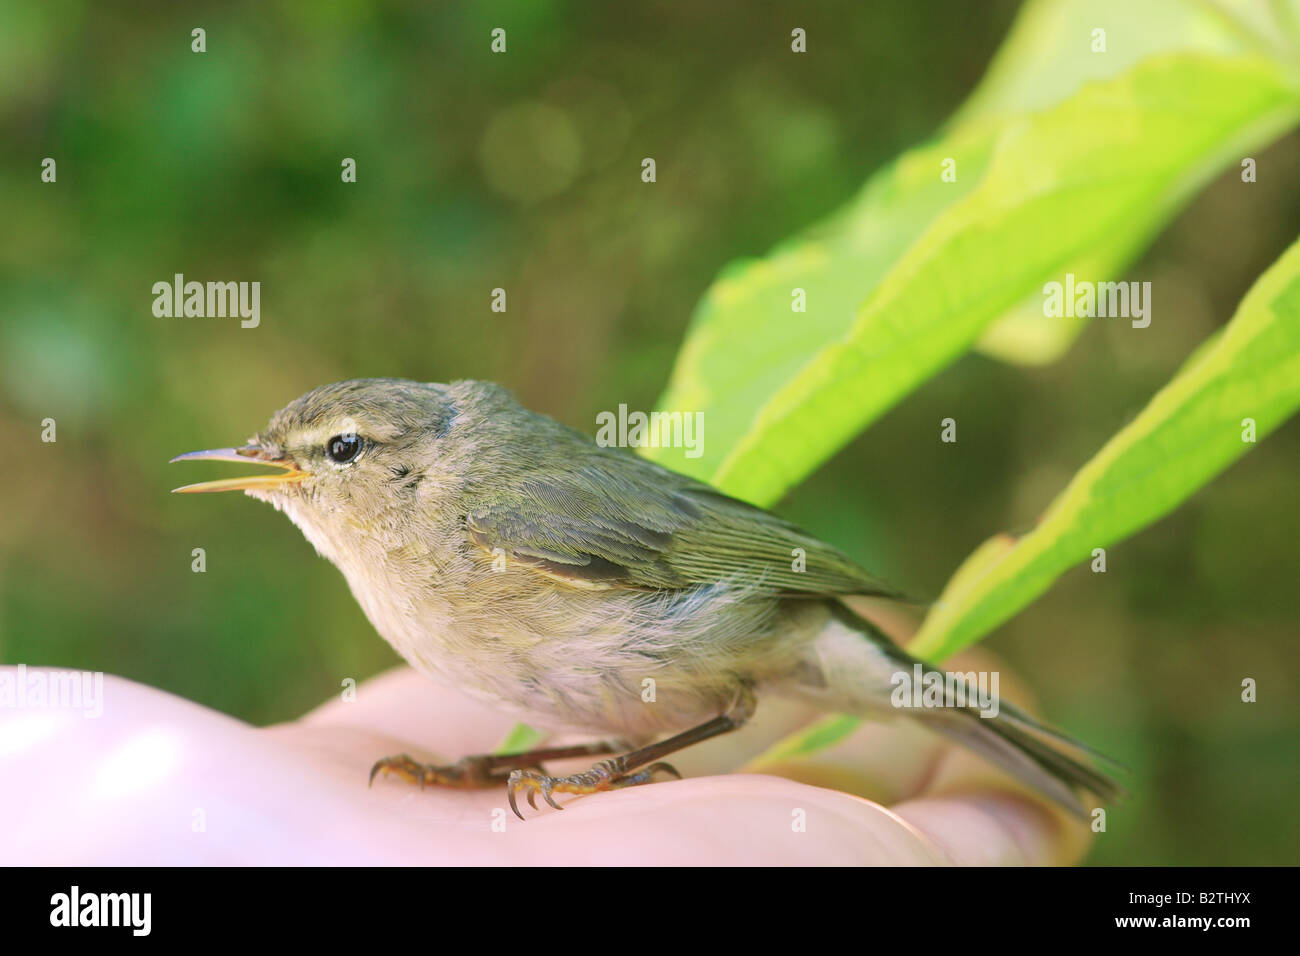 Willow Warbler (Pylloscopus trochilus) - Stock Image